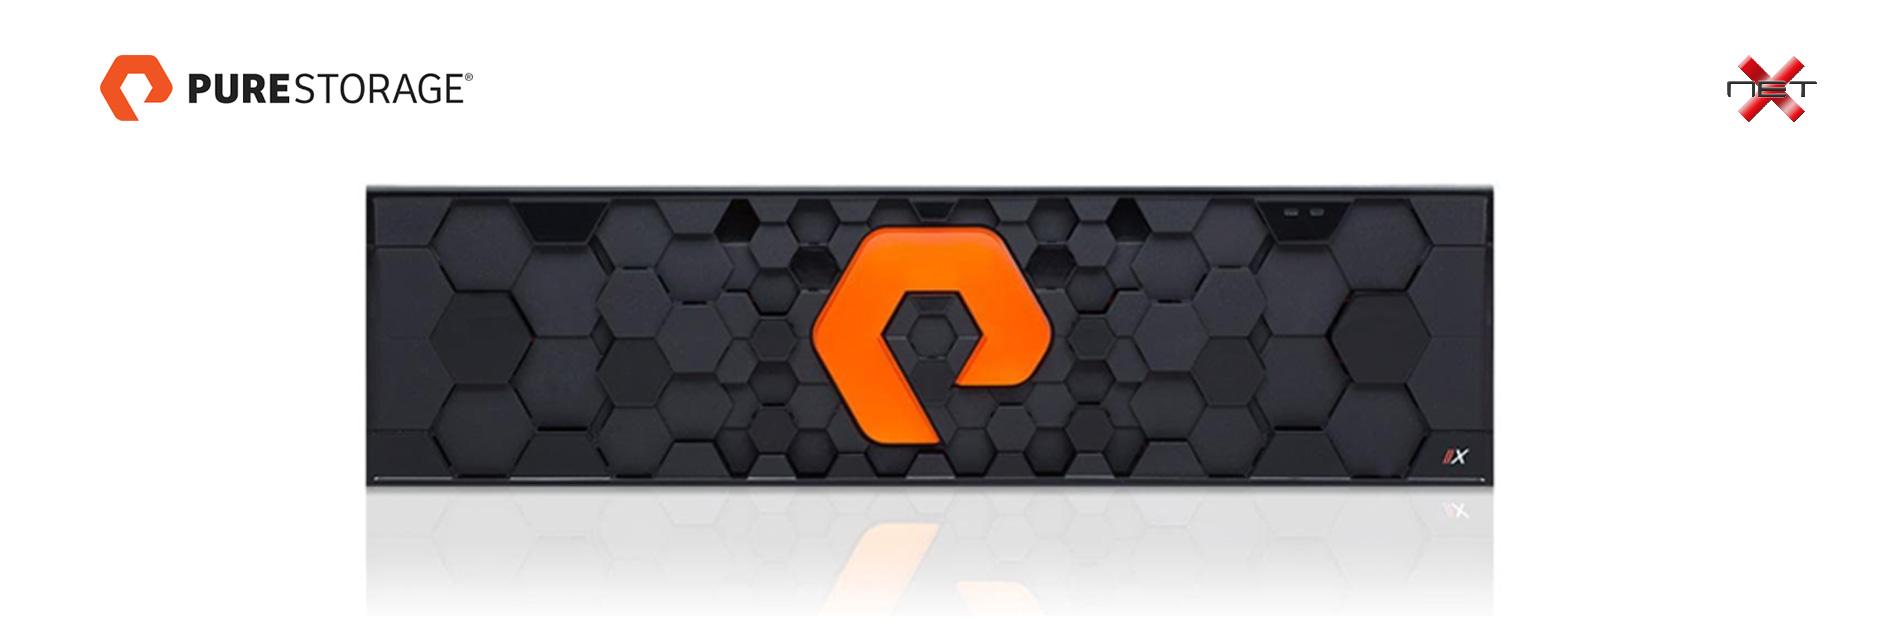 Purestorage - FlashBlade Storage with NetX